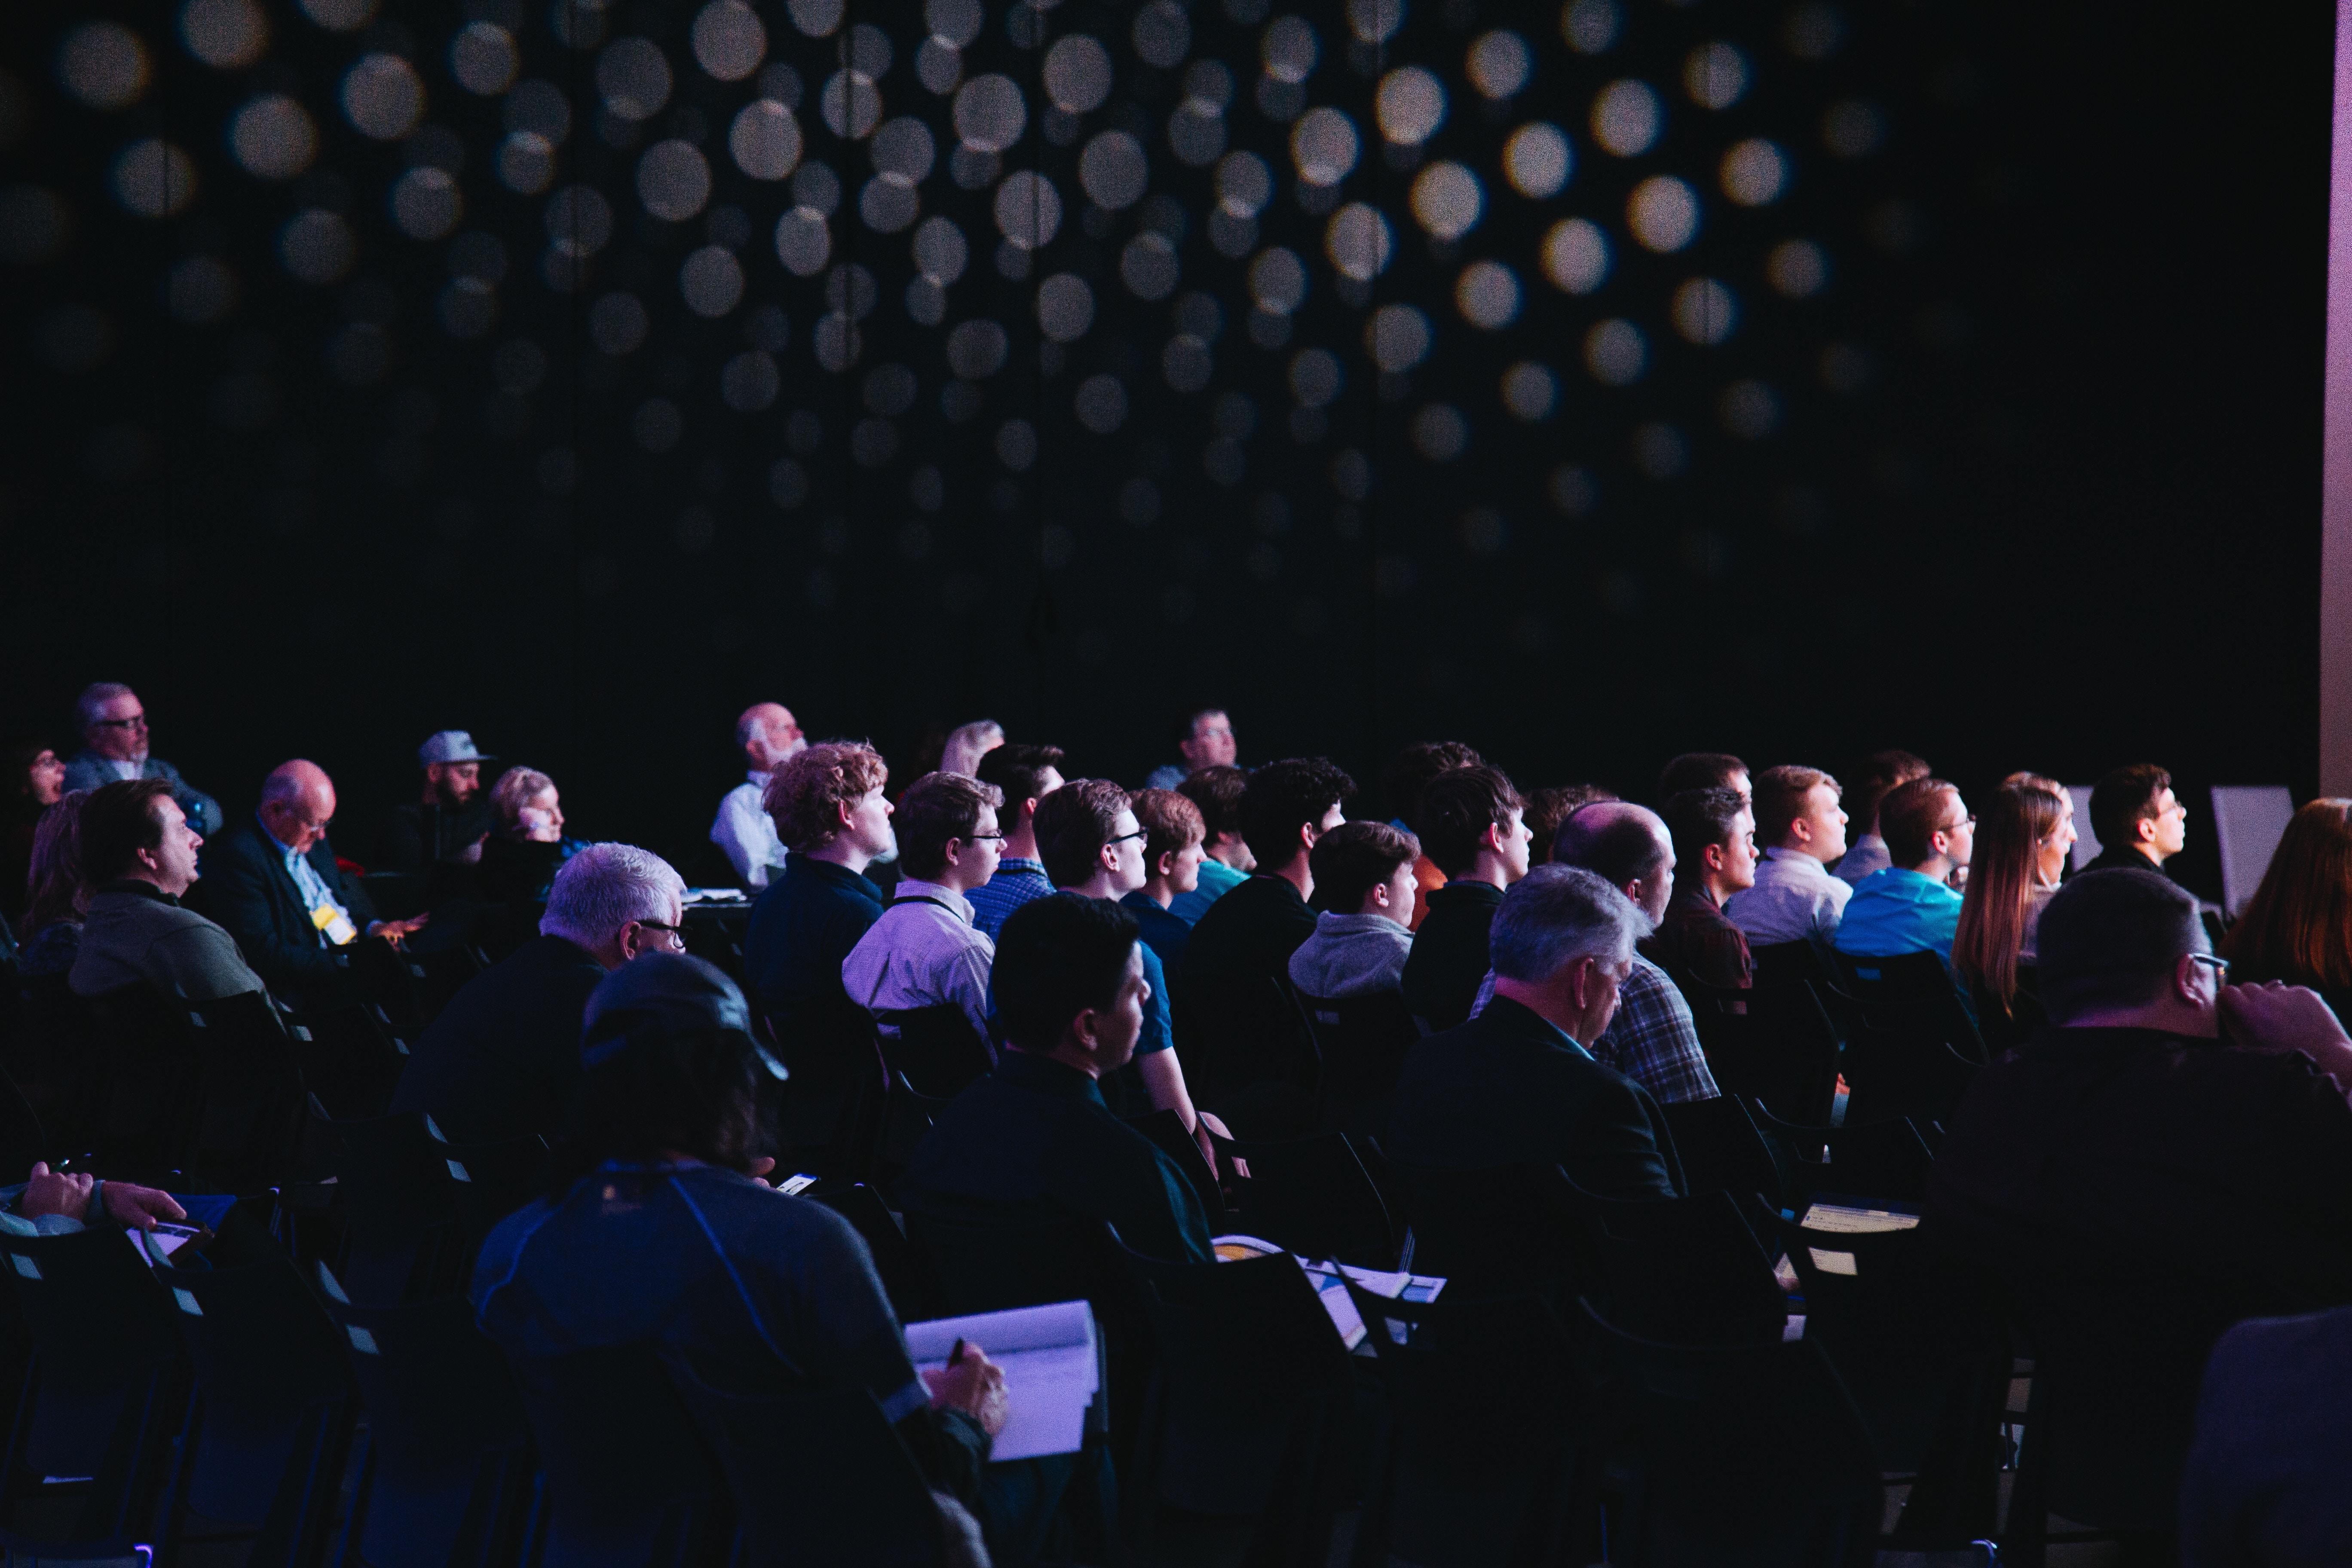 la conferenza fintech del 2019 del mit a show review paymentsjournal 2 - La conferenza Fintech del 2019 del MIT: A Show Review - PaymentsJournal